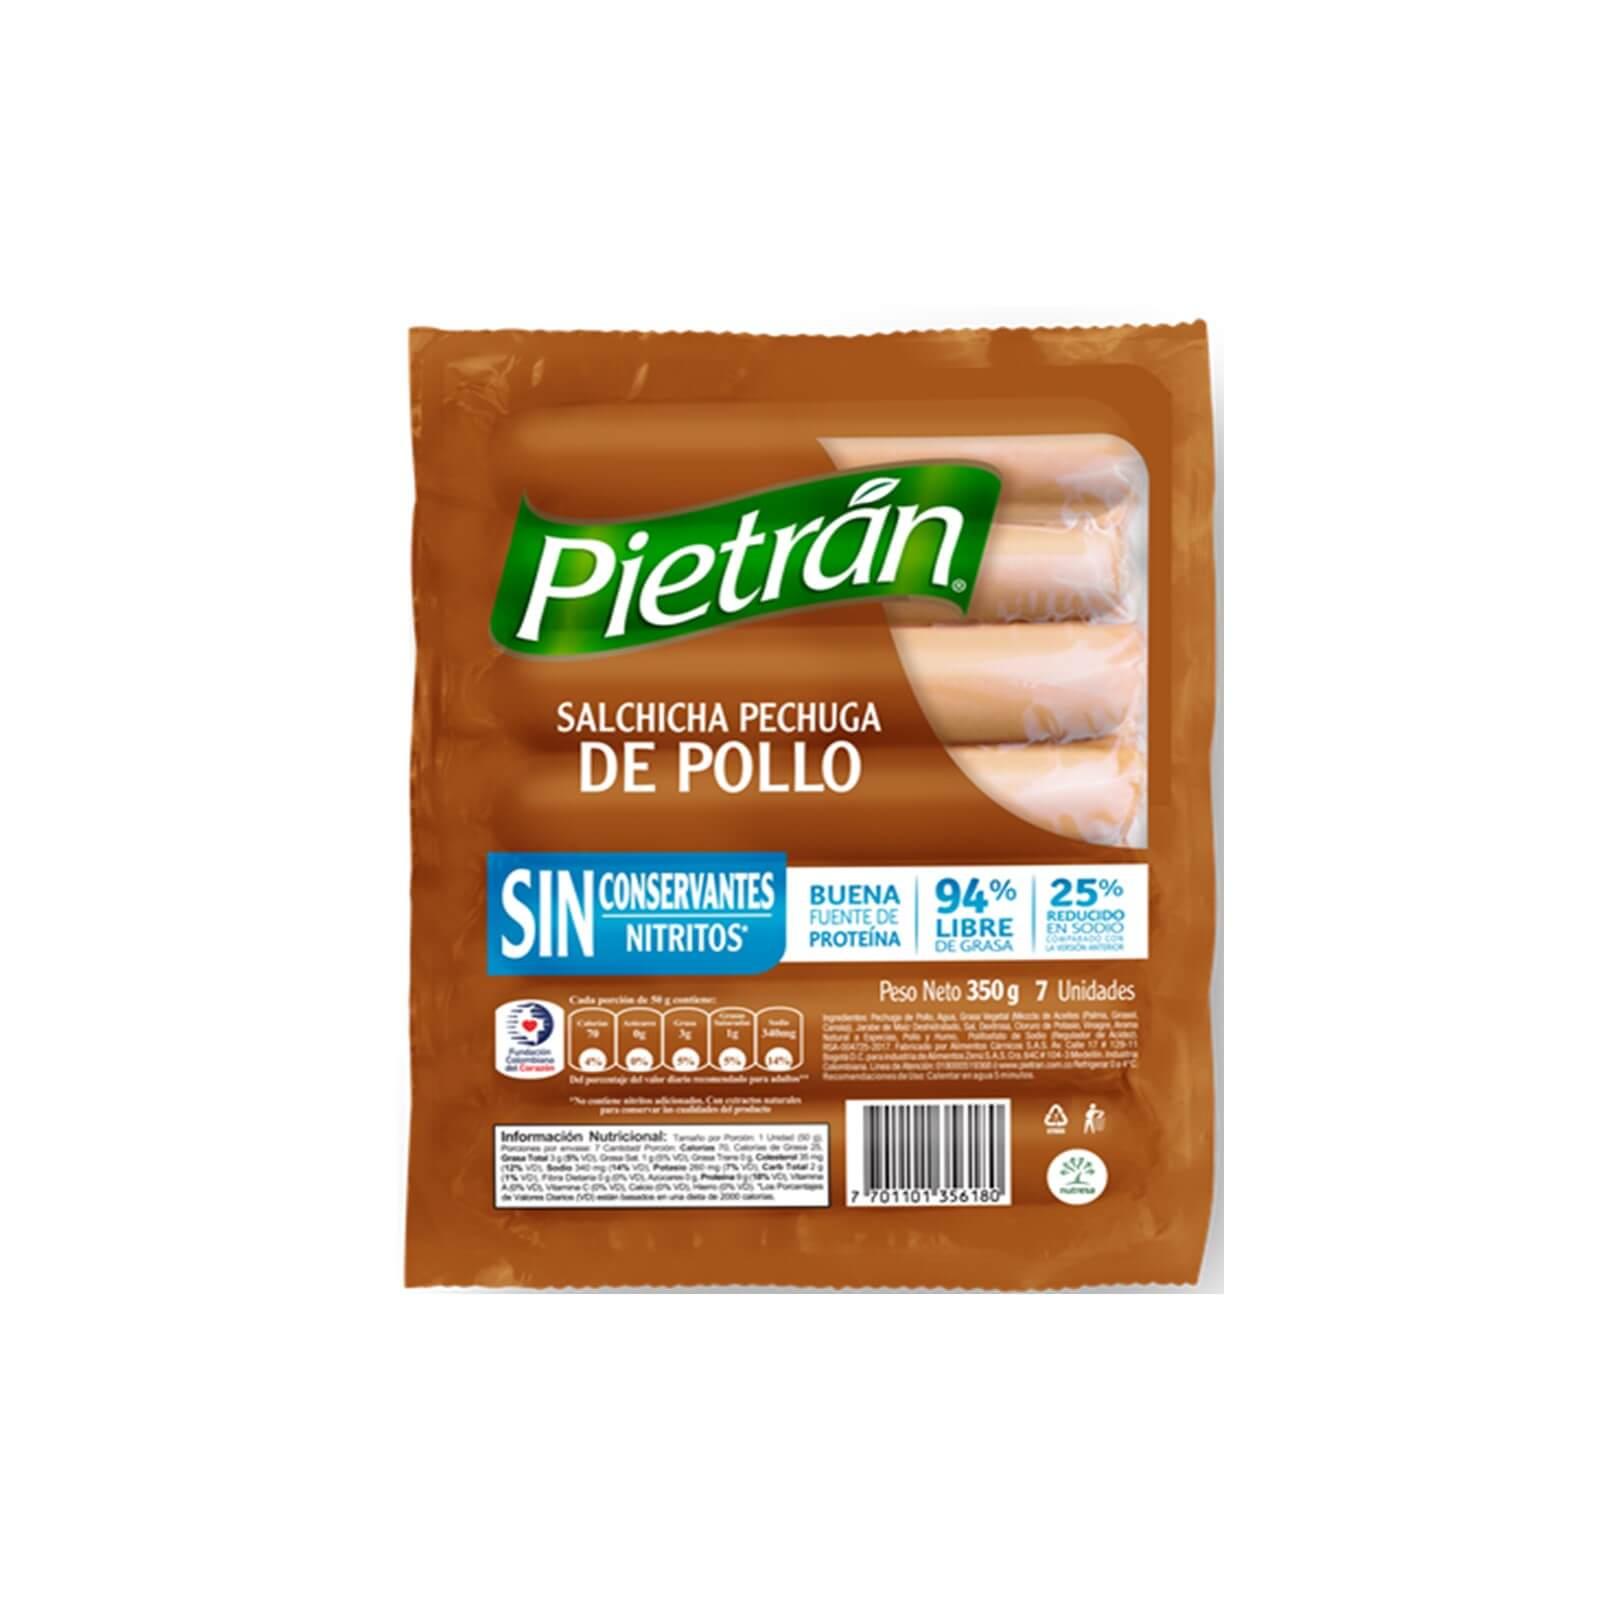 Salchicha Pechuga De Pollo Pietran